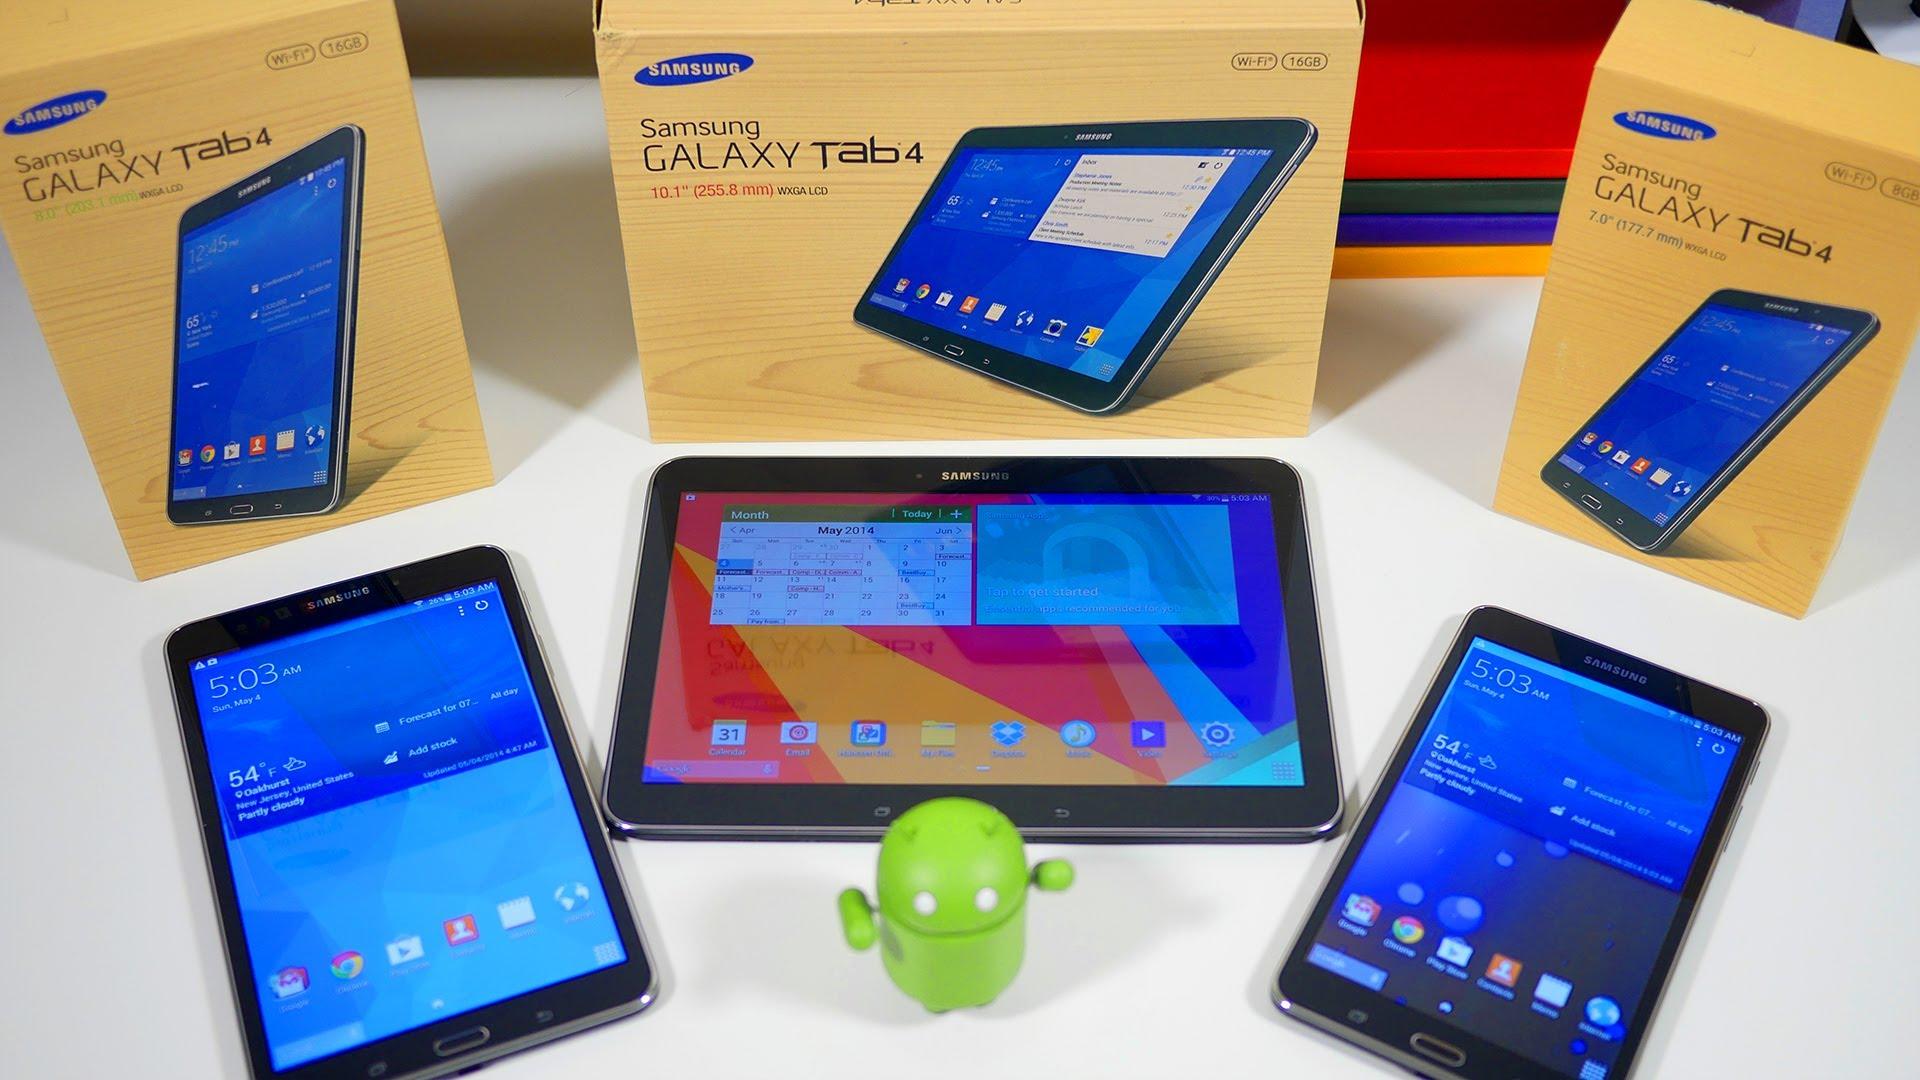 Galaxy Tab 4.8.0 LTE si aggiorna con Android 5.1.1 Lollipop